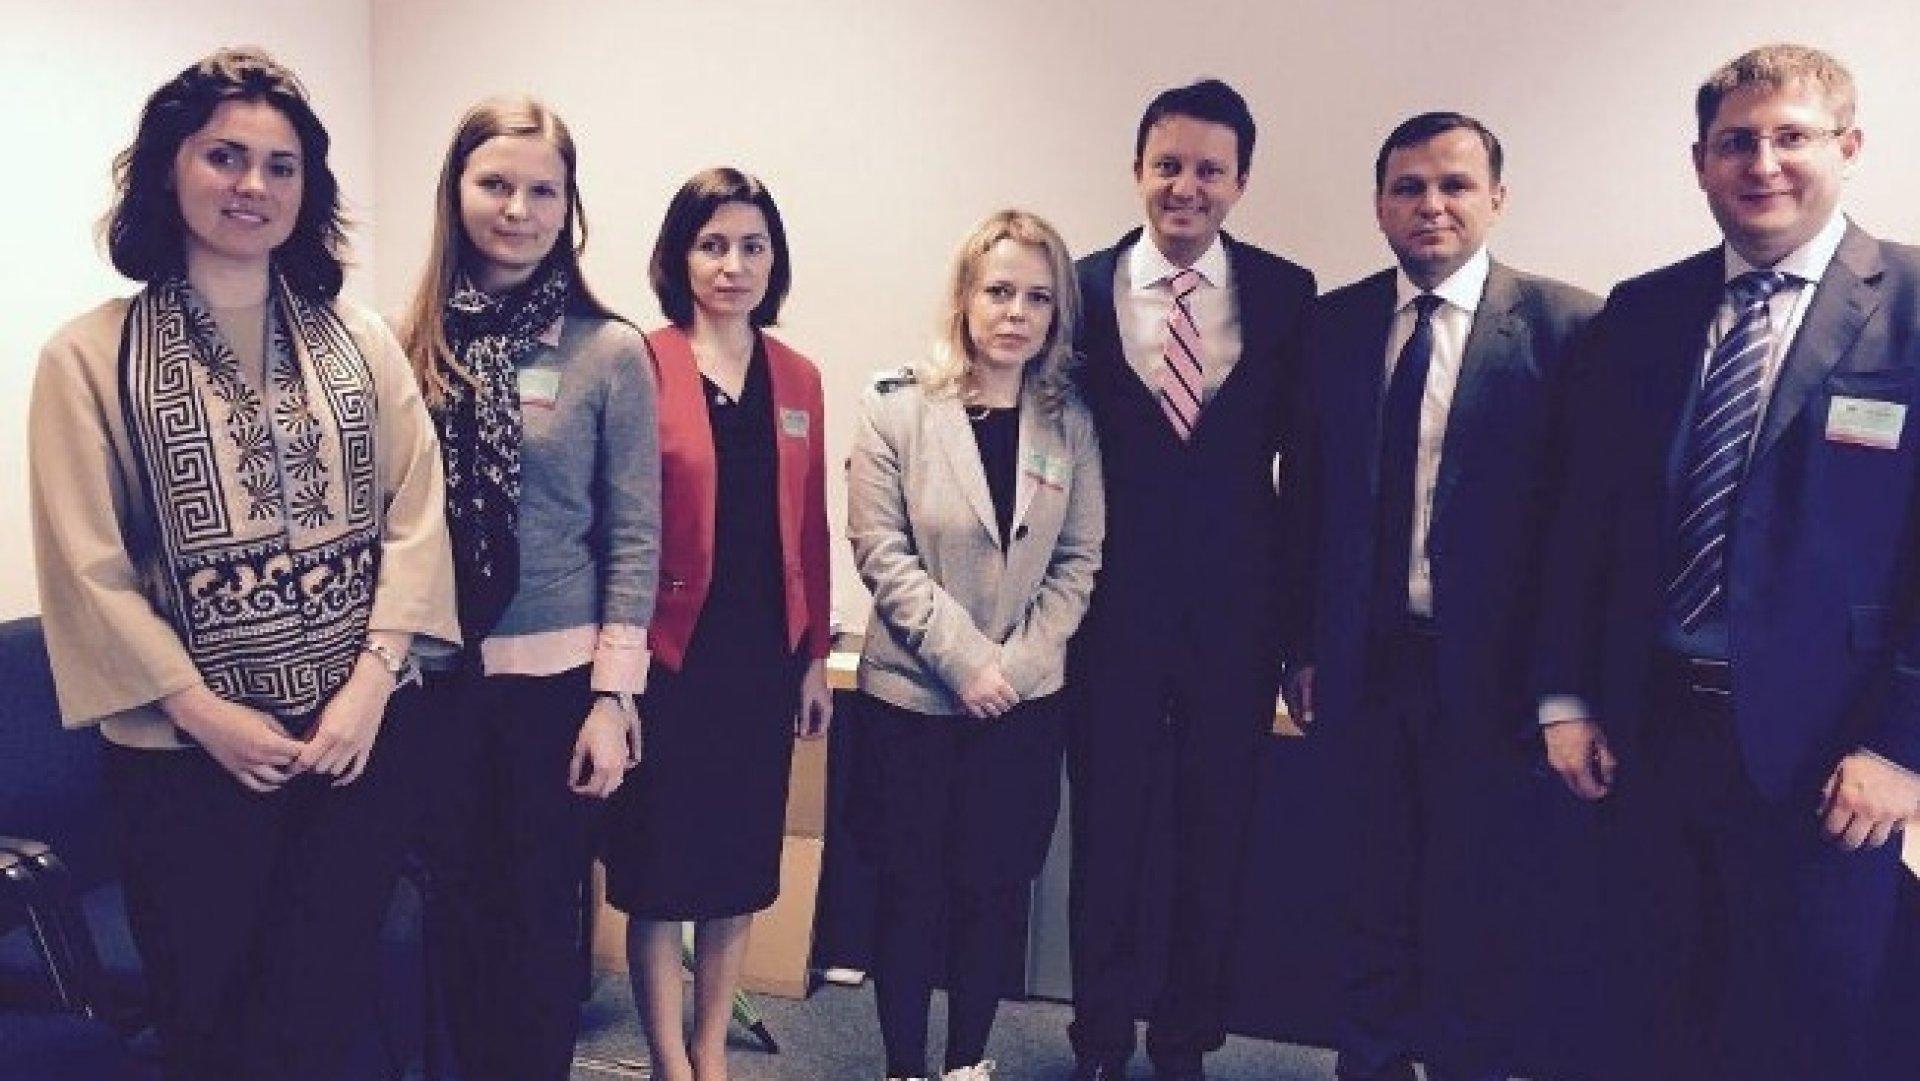 Lovitură de teatru! Omul care a finanțat acțiunile PAS și PPDA din Moldova  a fost expulzat din UE pentru legături cu serviciile secrete ruse | PUBLIKA  .MD - AICI SUNT ȘTIRILE